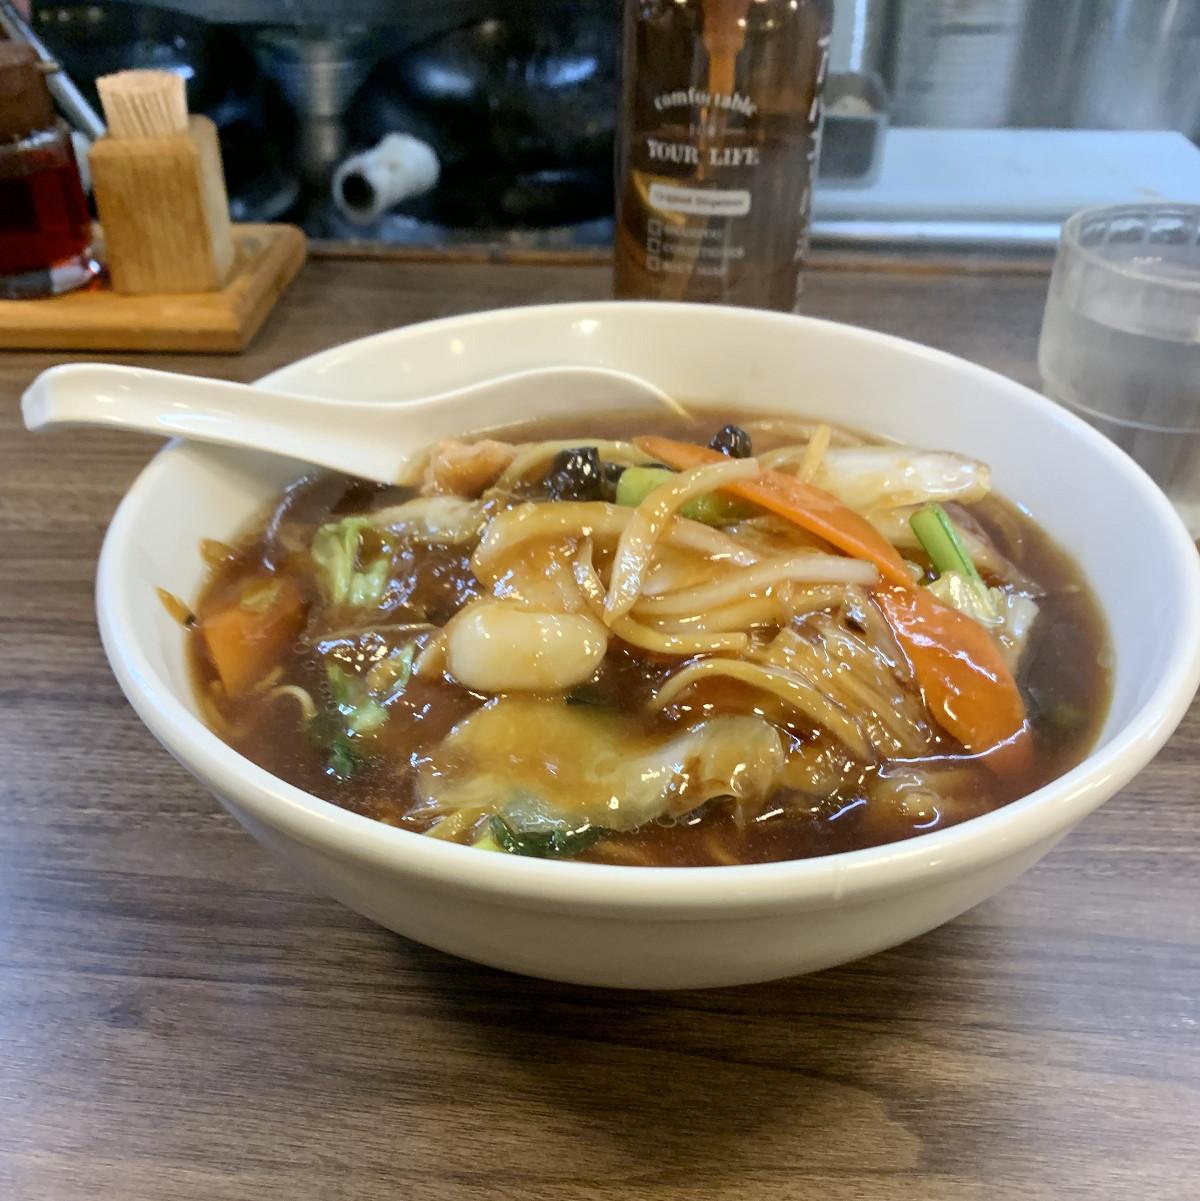 広東麺 by天空オフィシャルブログ所蔵画像